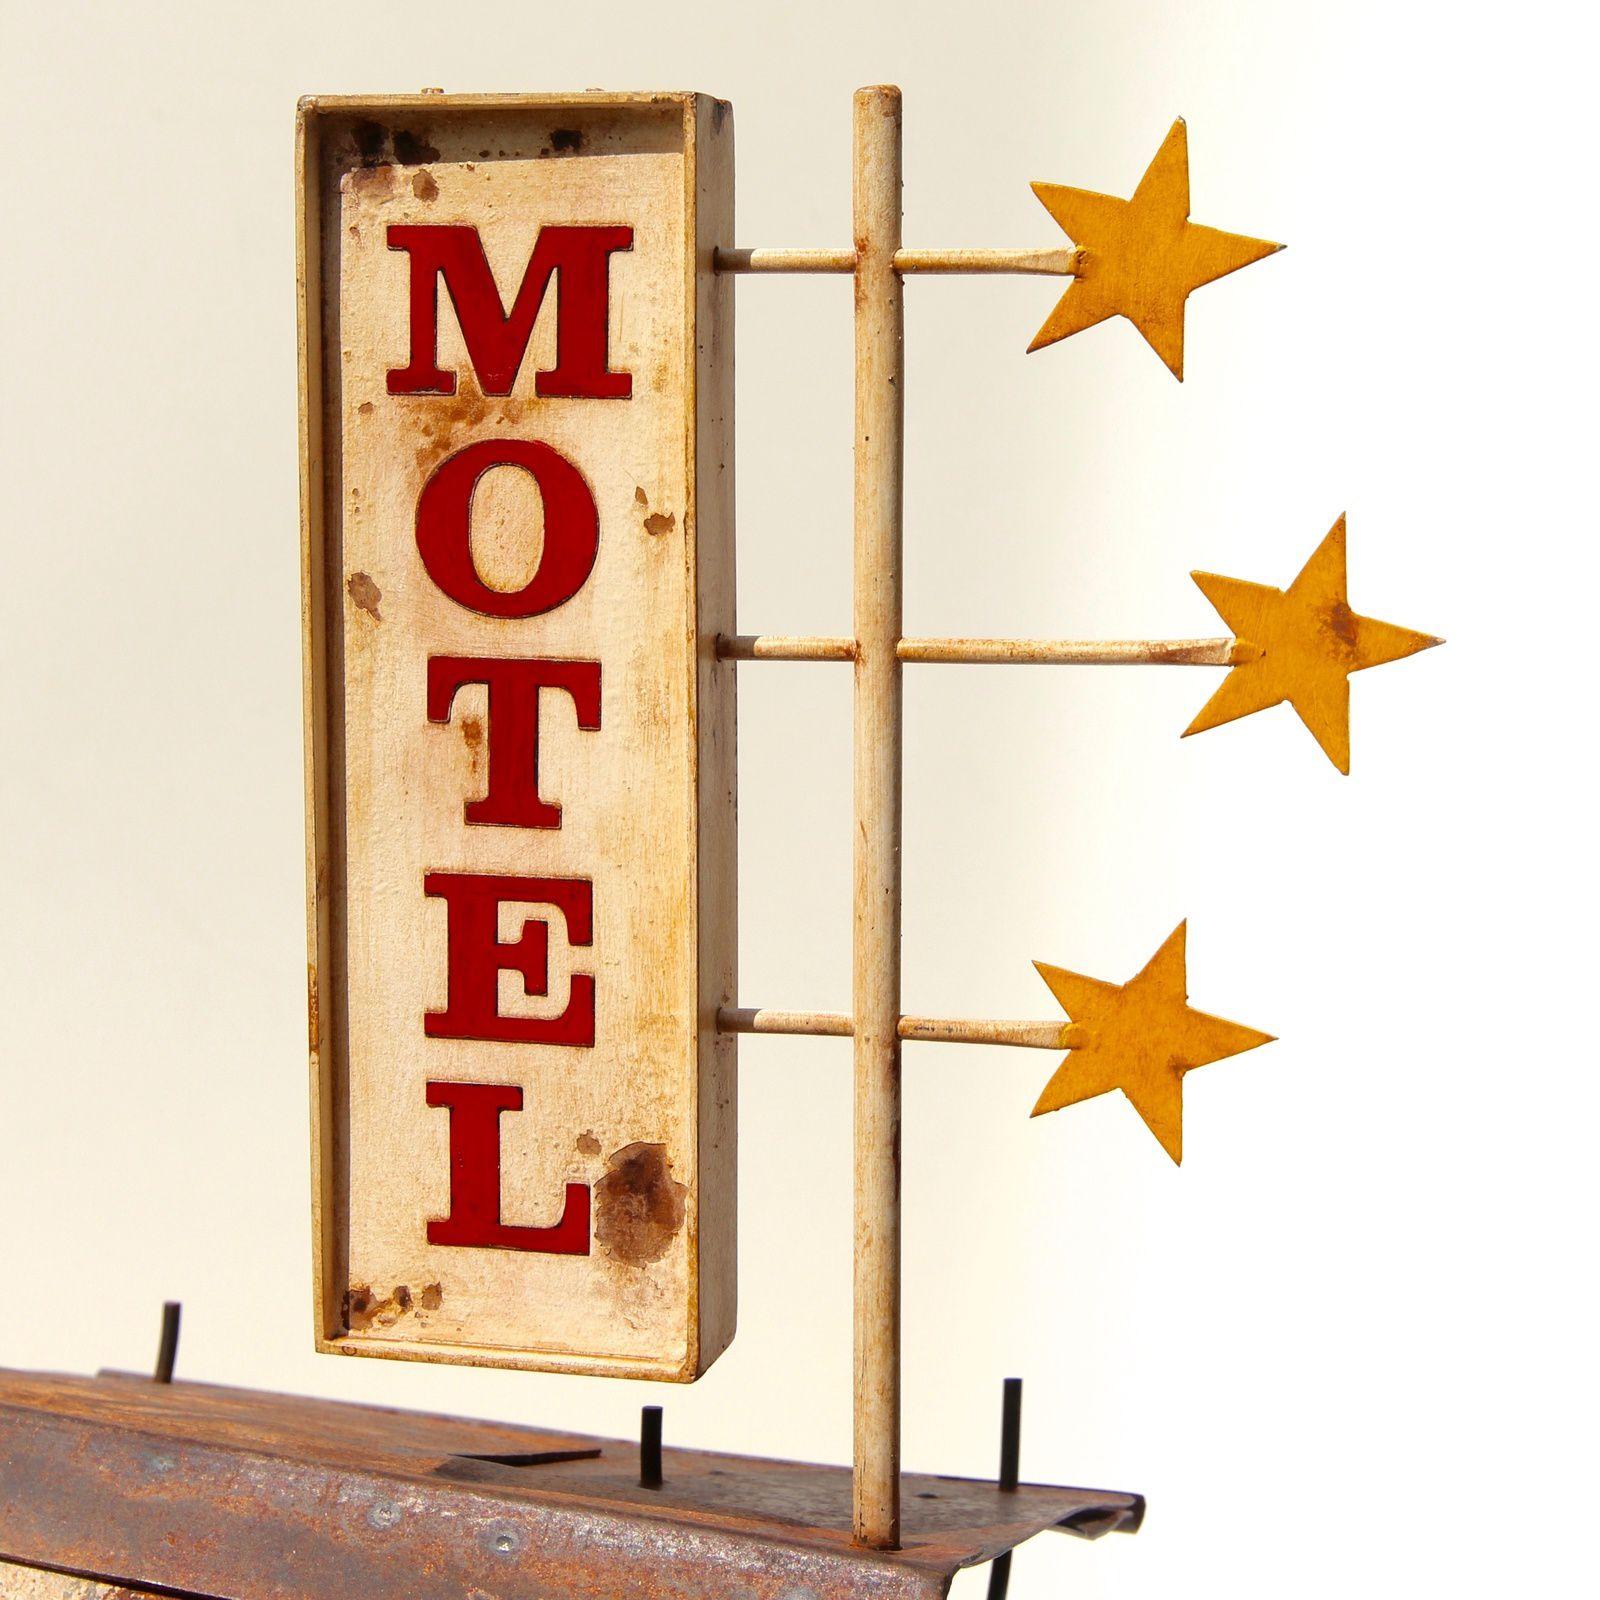 Trois étoiles. h: 88 cm. Pop Now. h: 119 cm. Bagdad. h: 93 cm. Plop. H : 87 cm. Light h: 90 cm. ...